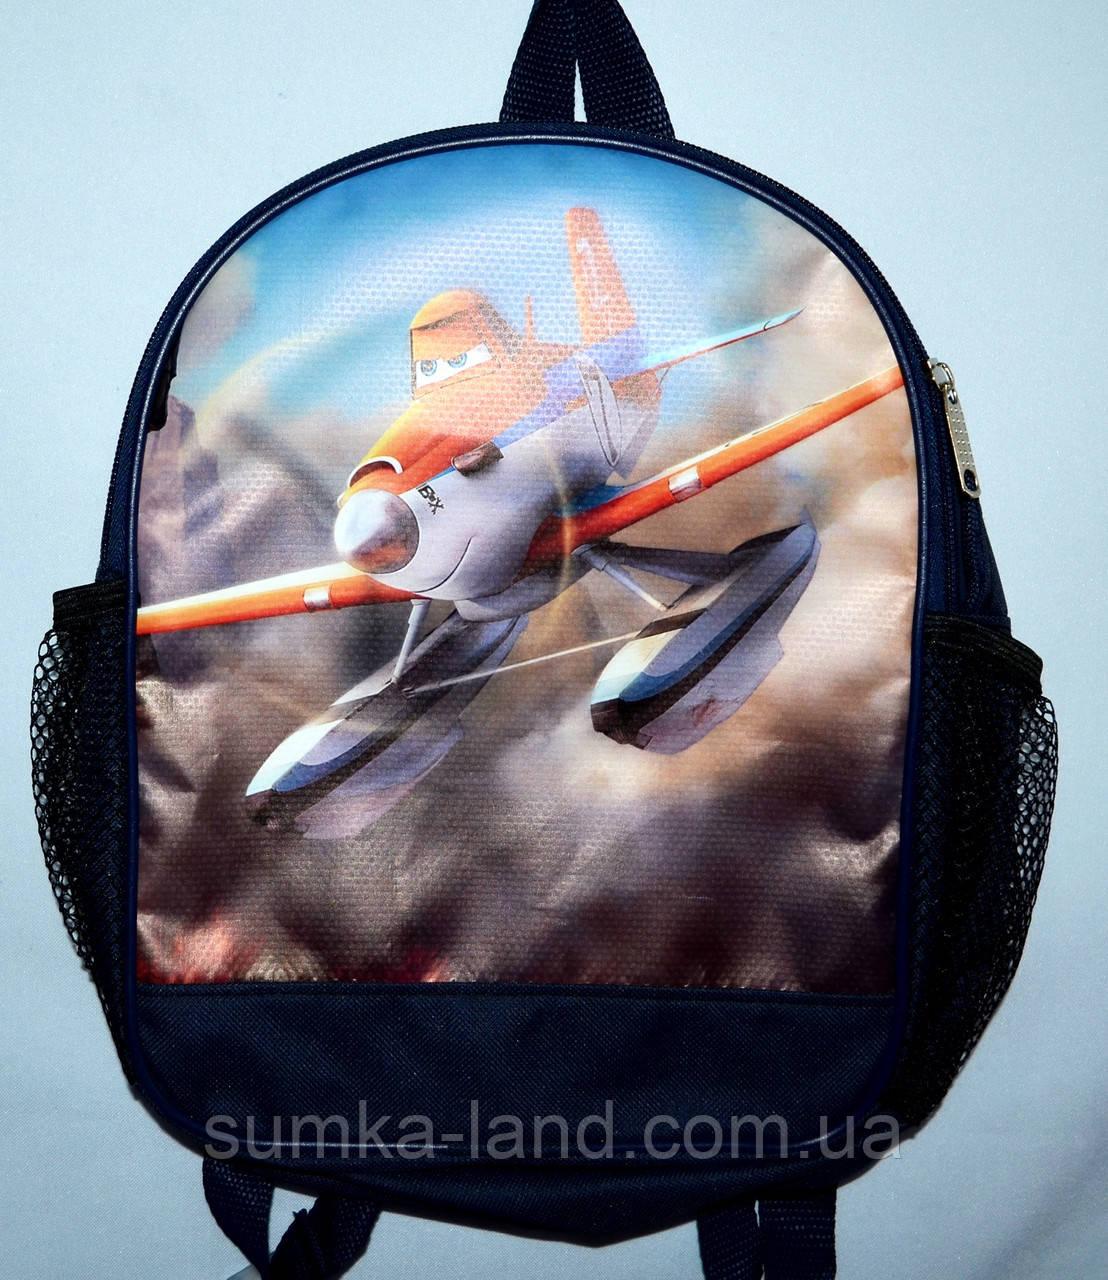 Детский школьный рюкзак для мальчика 22*29 (самолет)